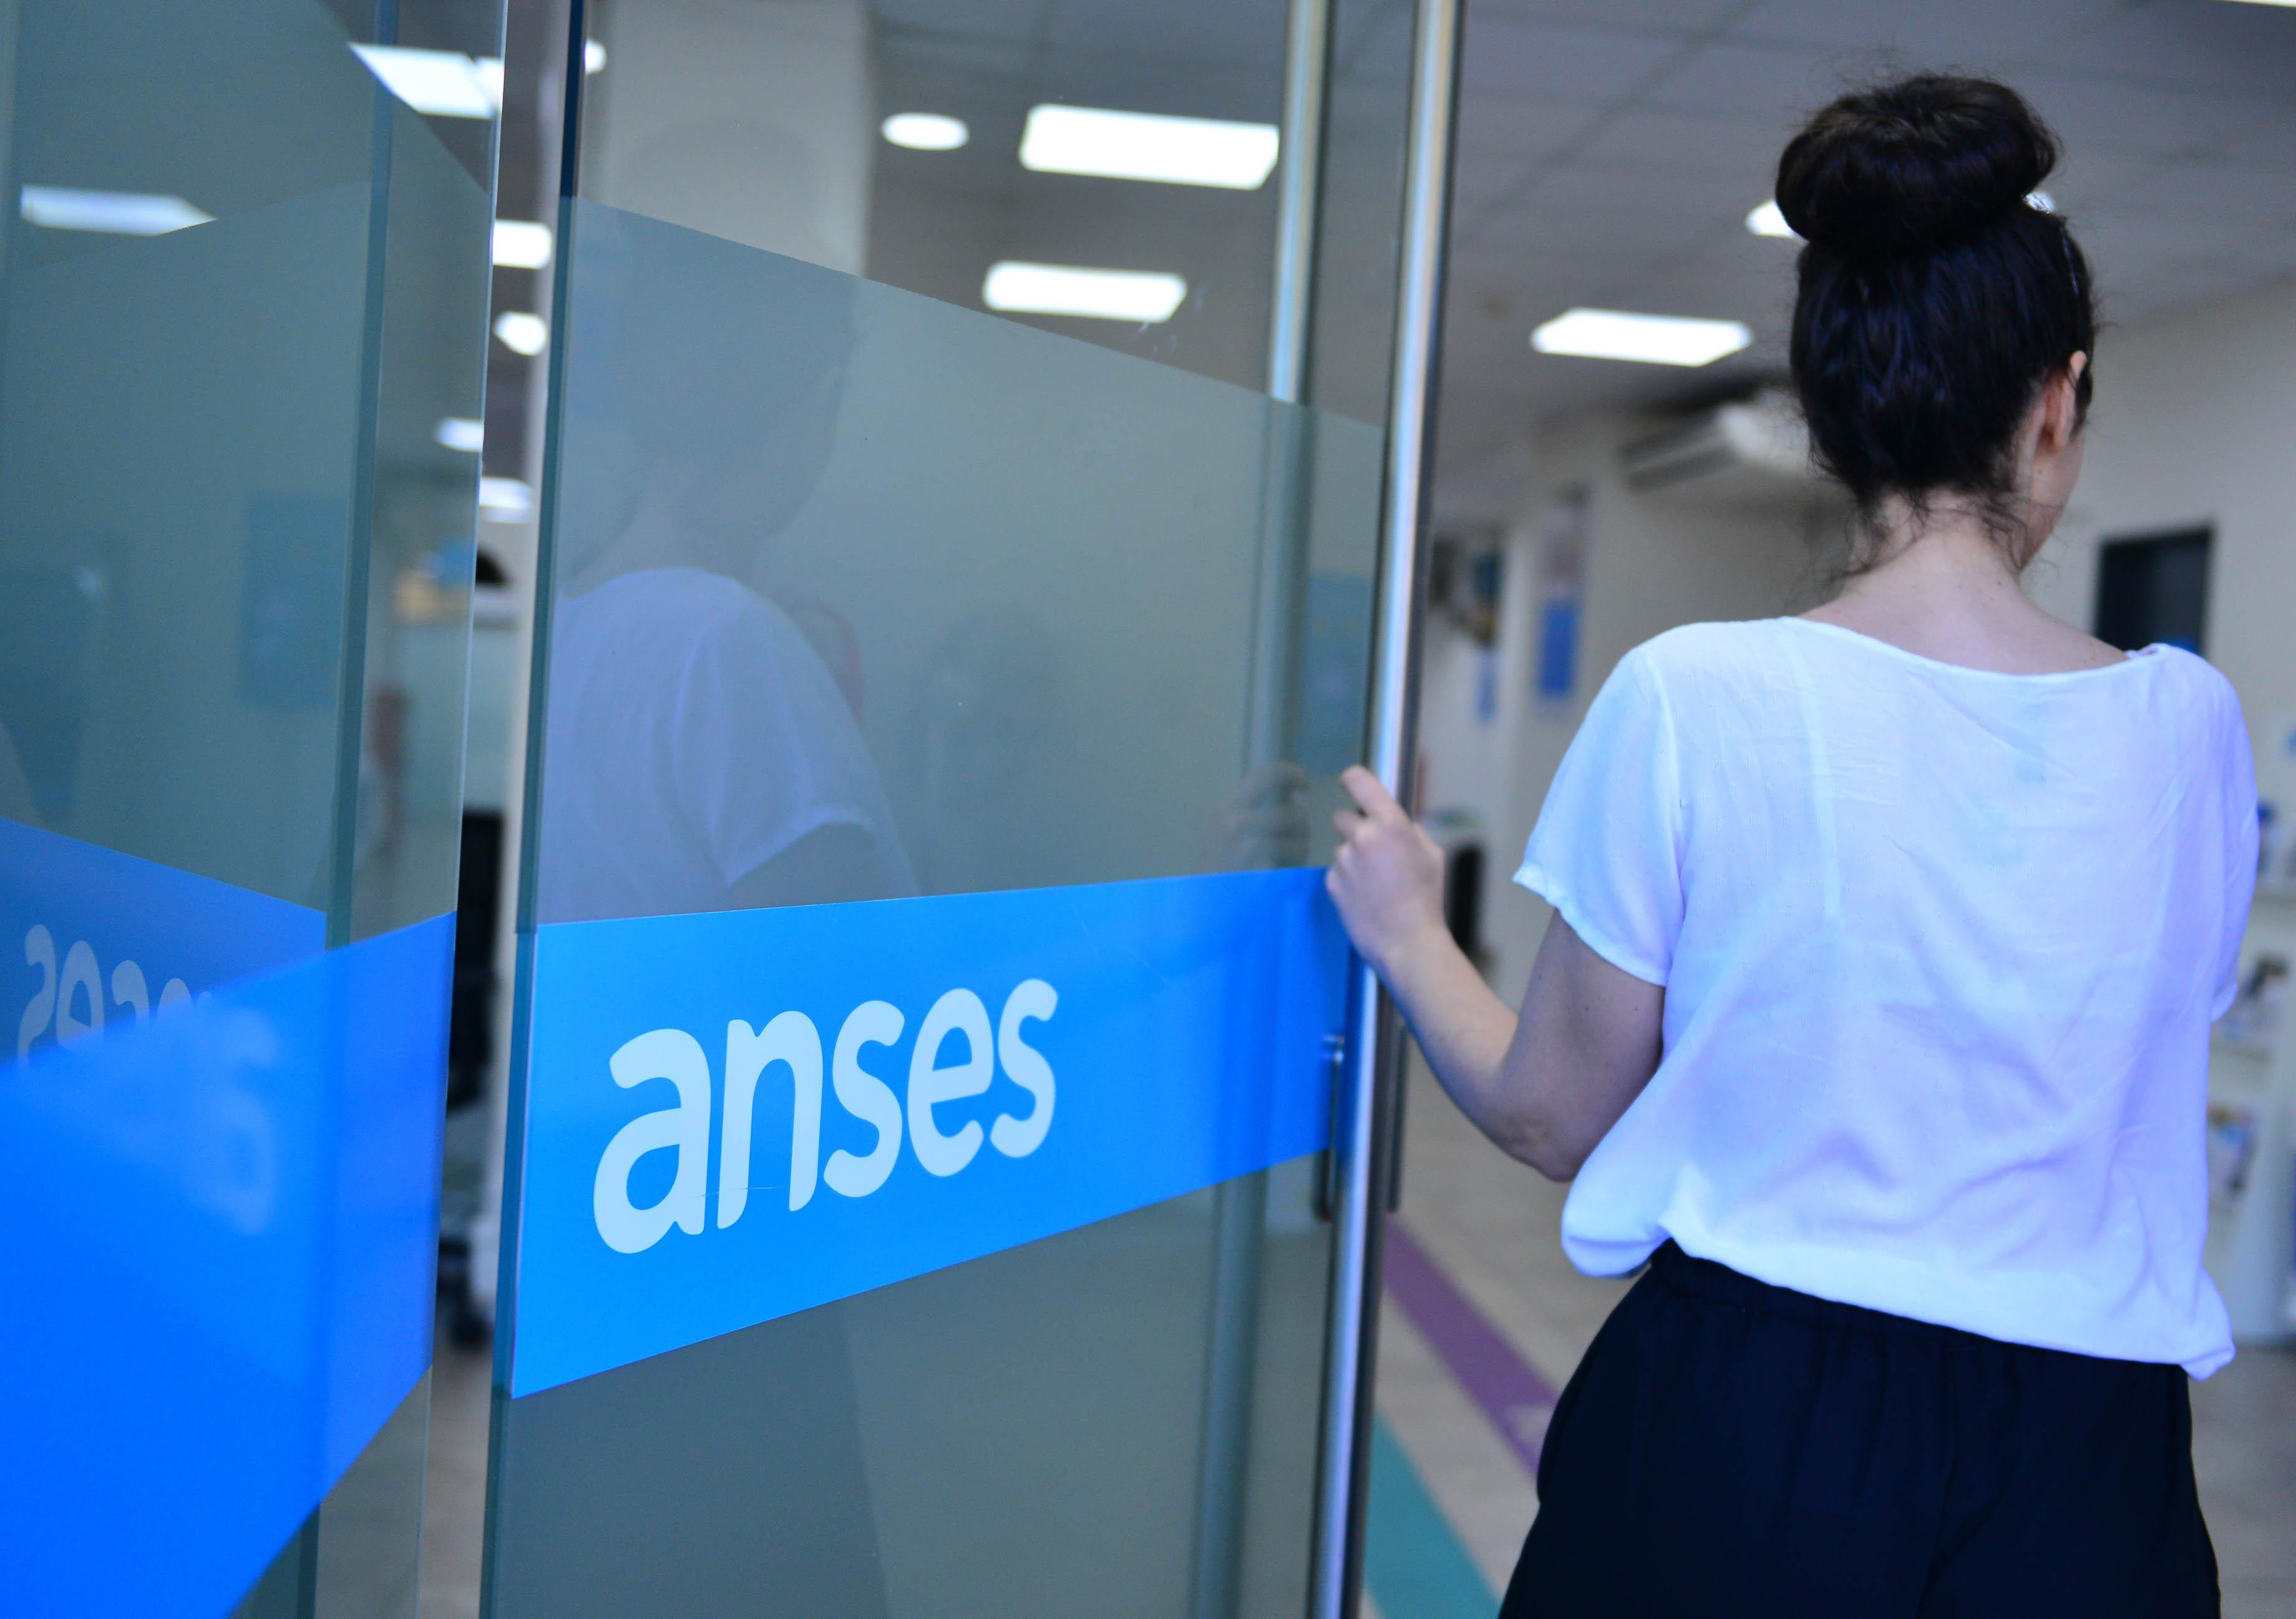 ANSES adelanta el pago de jubilaciones, pensiones y AUH por la cuarentena